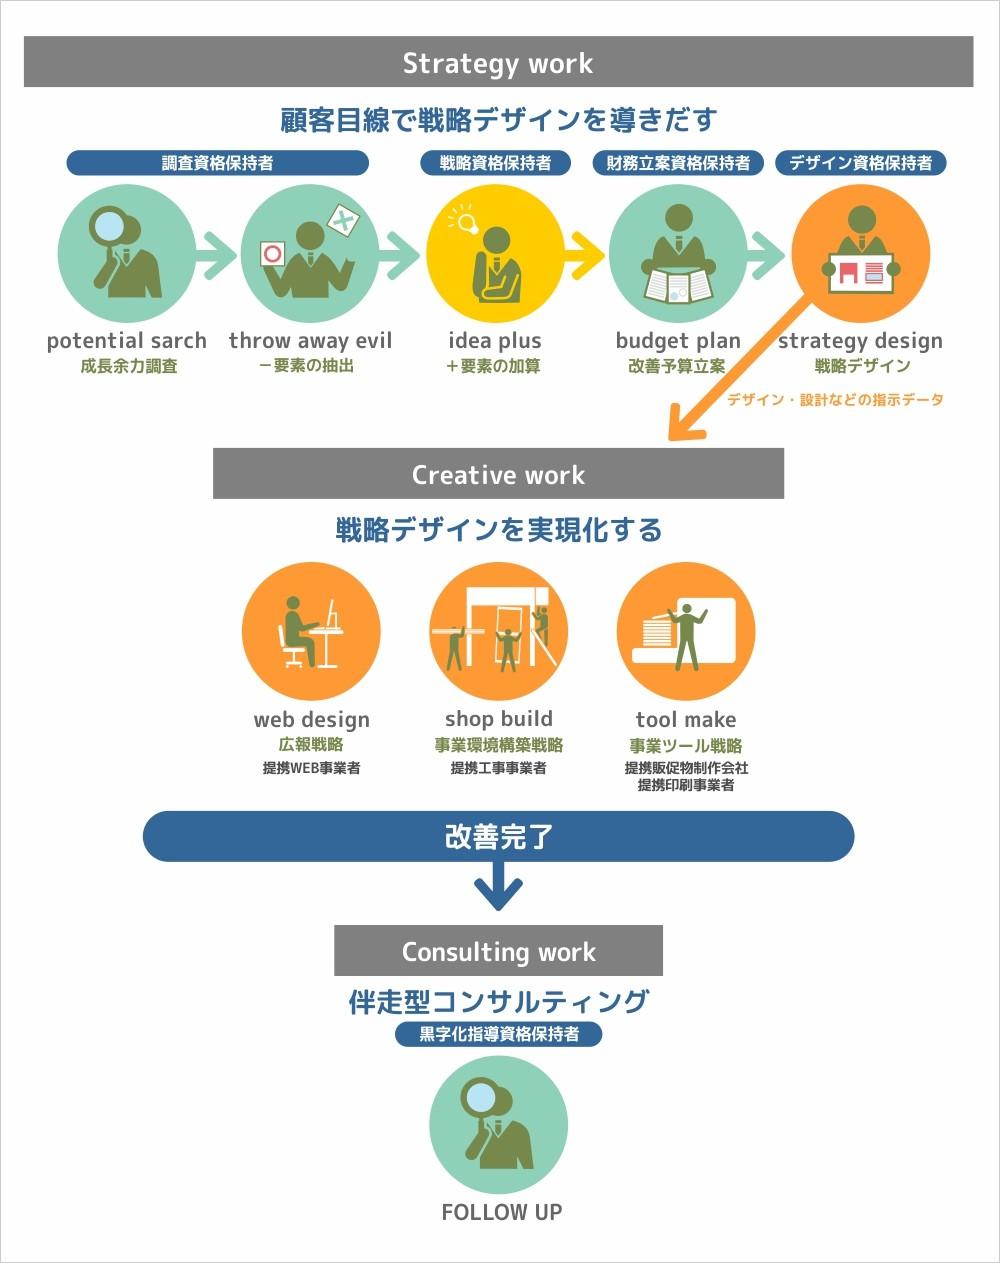 アタカプランニングの戦略デザイン フロー図